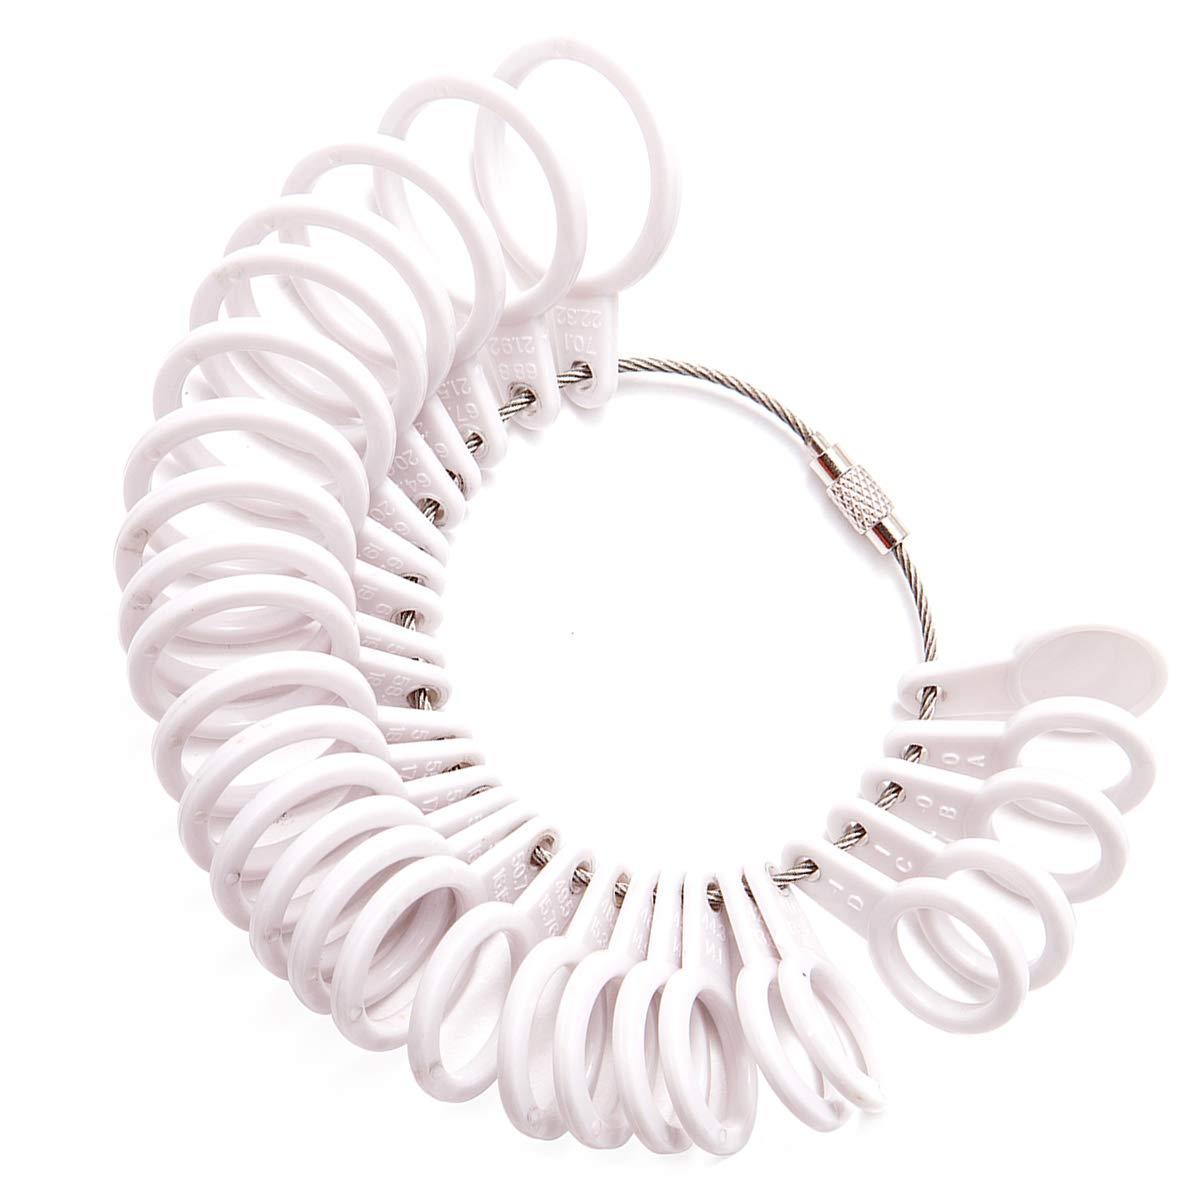 Meowoo Strumento per Il dimensionamento del Dito, Anelli Size Adjuster, per Anelli Mandrino Misura, UK Size Anelliera Misura in Plastica(Finger Measure) UK-Meo-Ring Sizer-White-1PCS